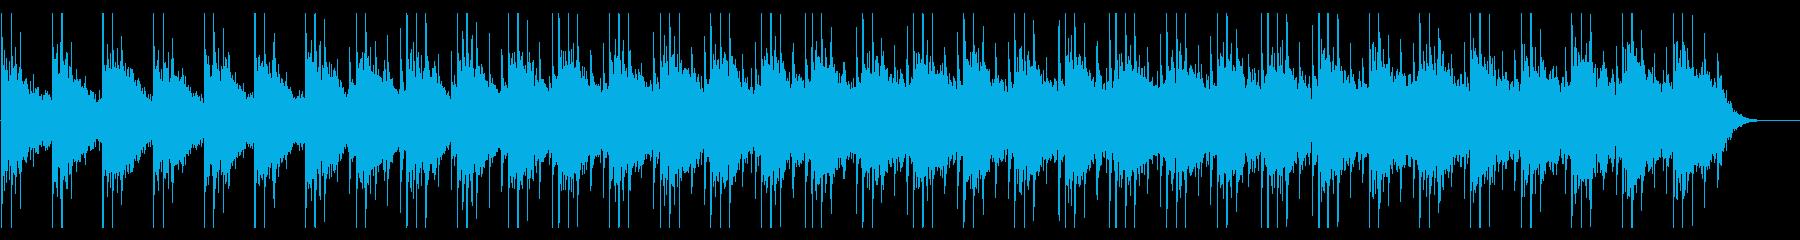 [Without rhythm] Explaining technology, etc.'s reproduced waveform